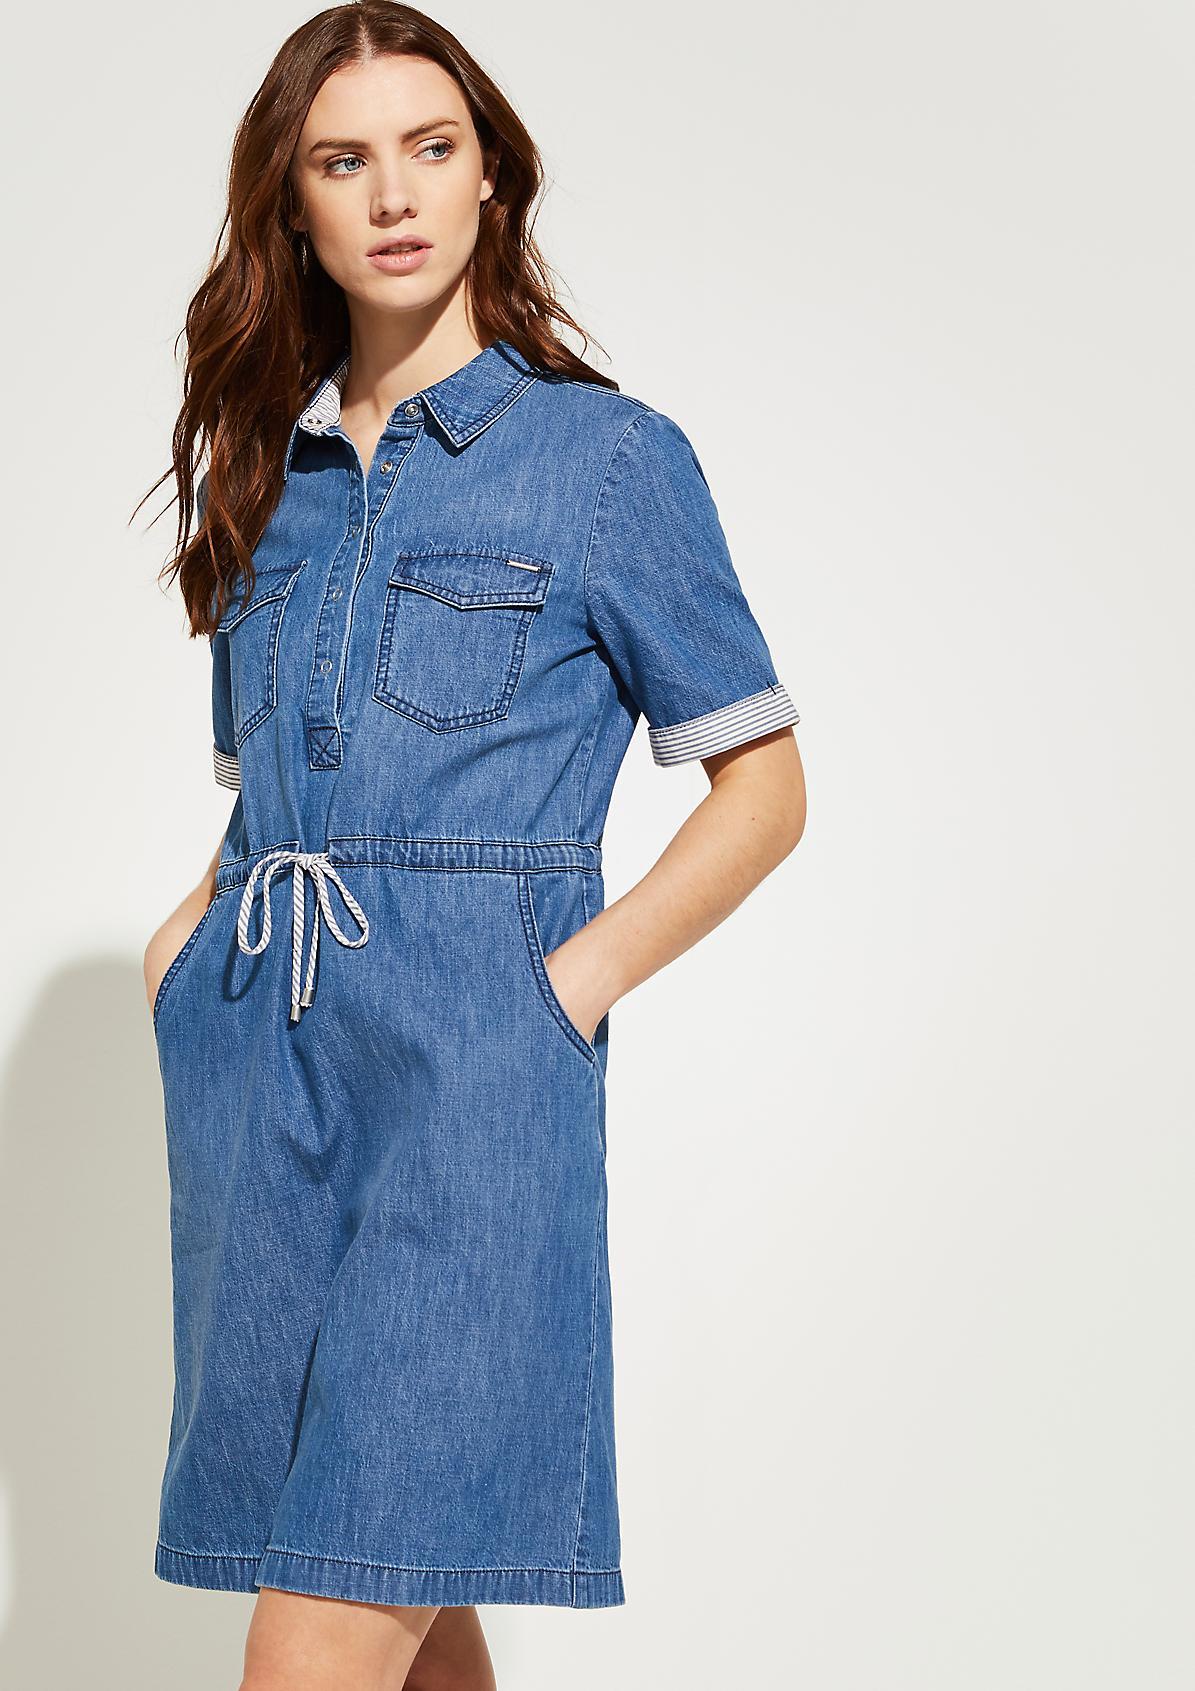 Jeanskleid mit gestreiftem Tunnelzug